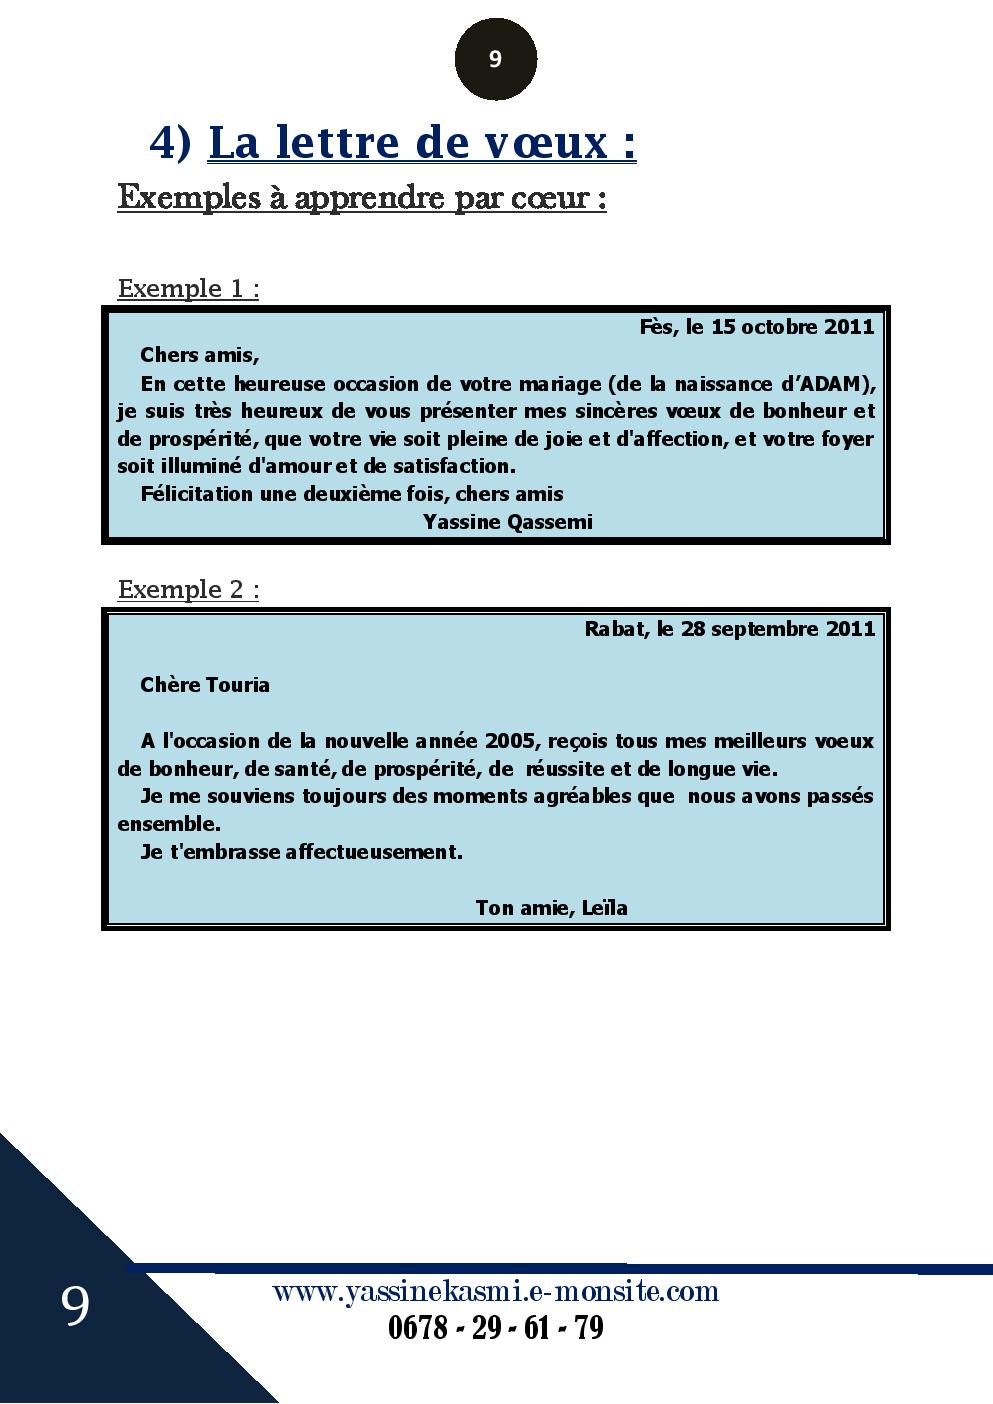 دروس الفرنسية La Lettre De Voeux الثالثة إعدادي Doross